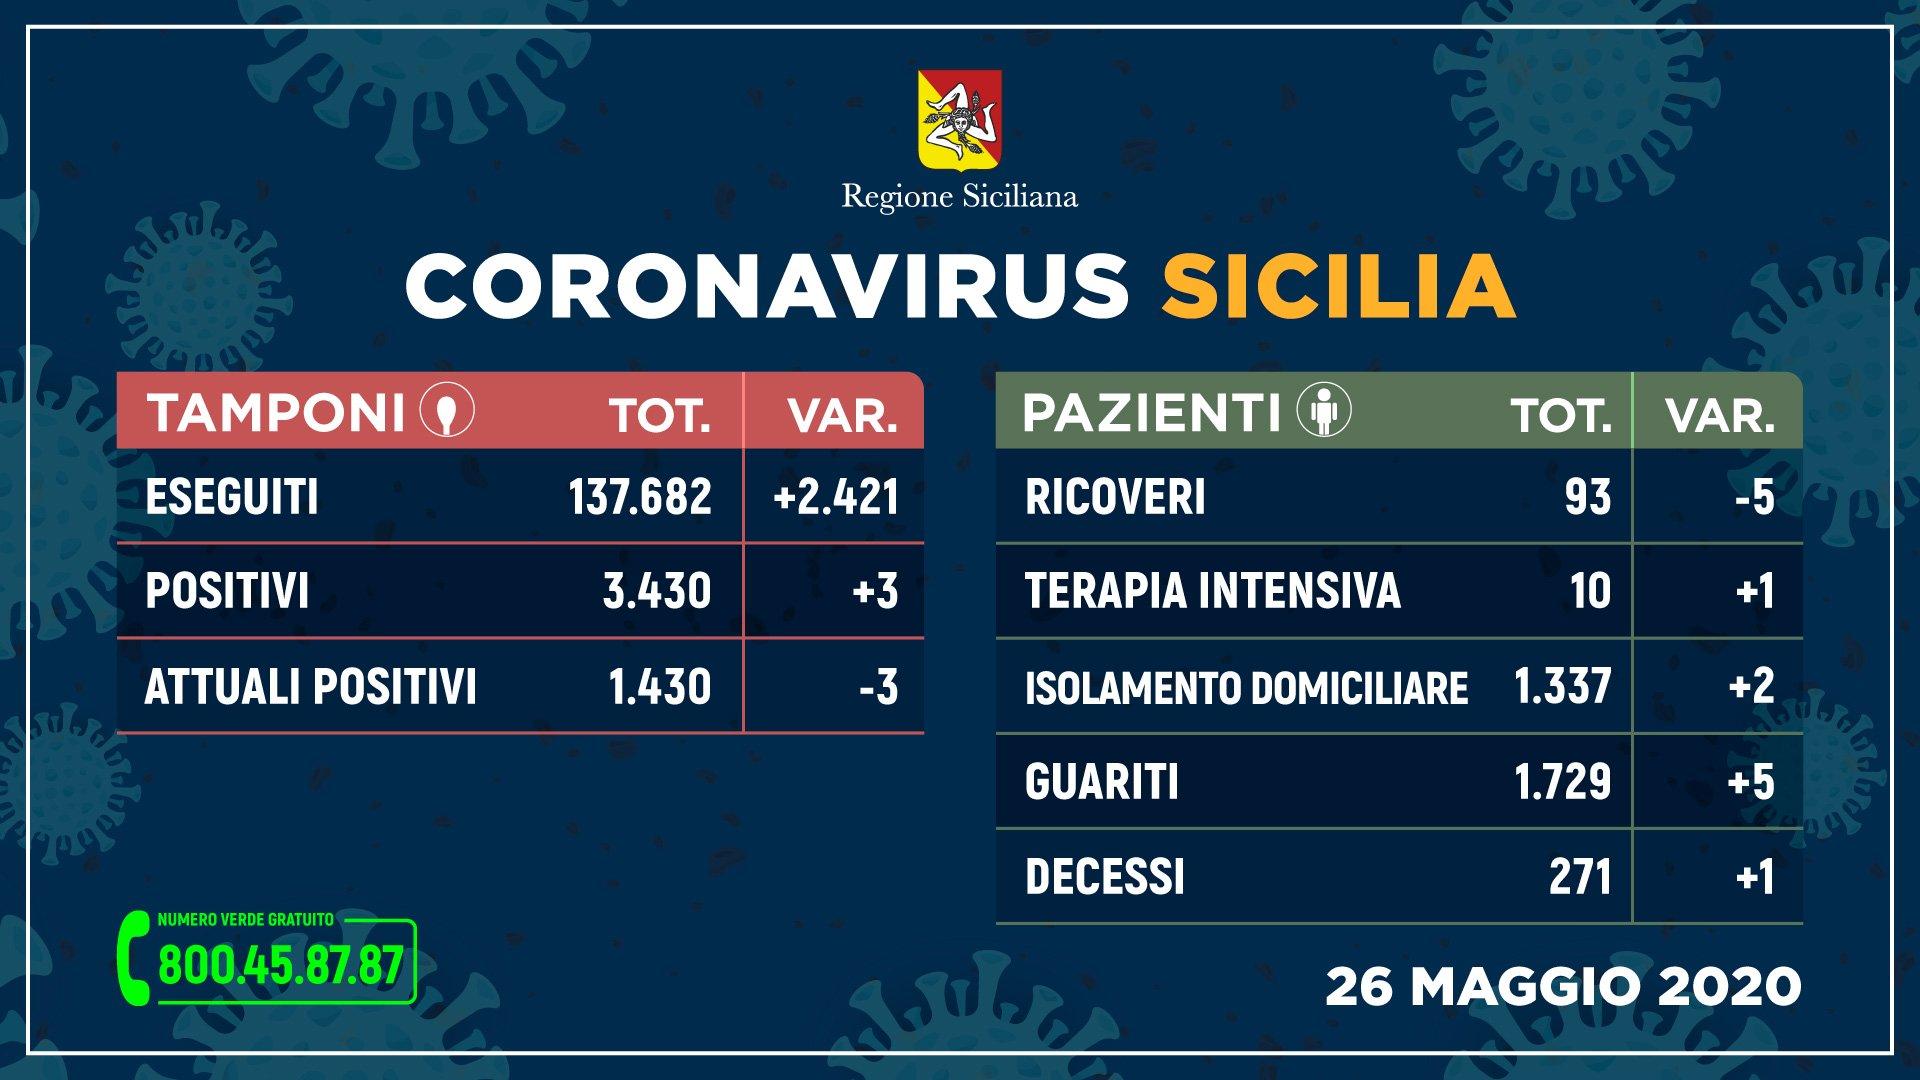 Coronavirus: Solo 3 nuovi positivi su 2.400 tamponi in Sicilia, si aggrava la donna incinta ricoverata a Palermo